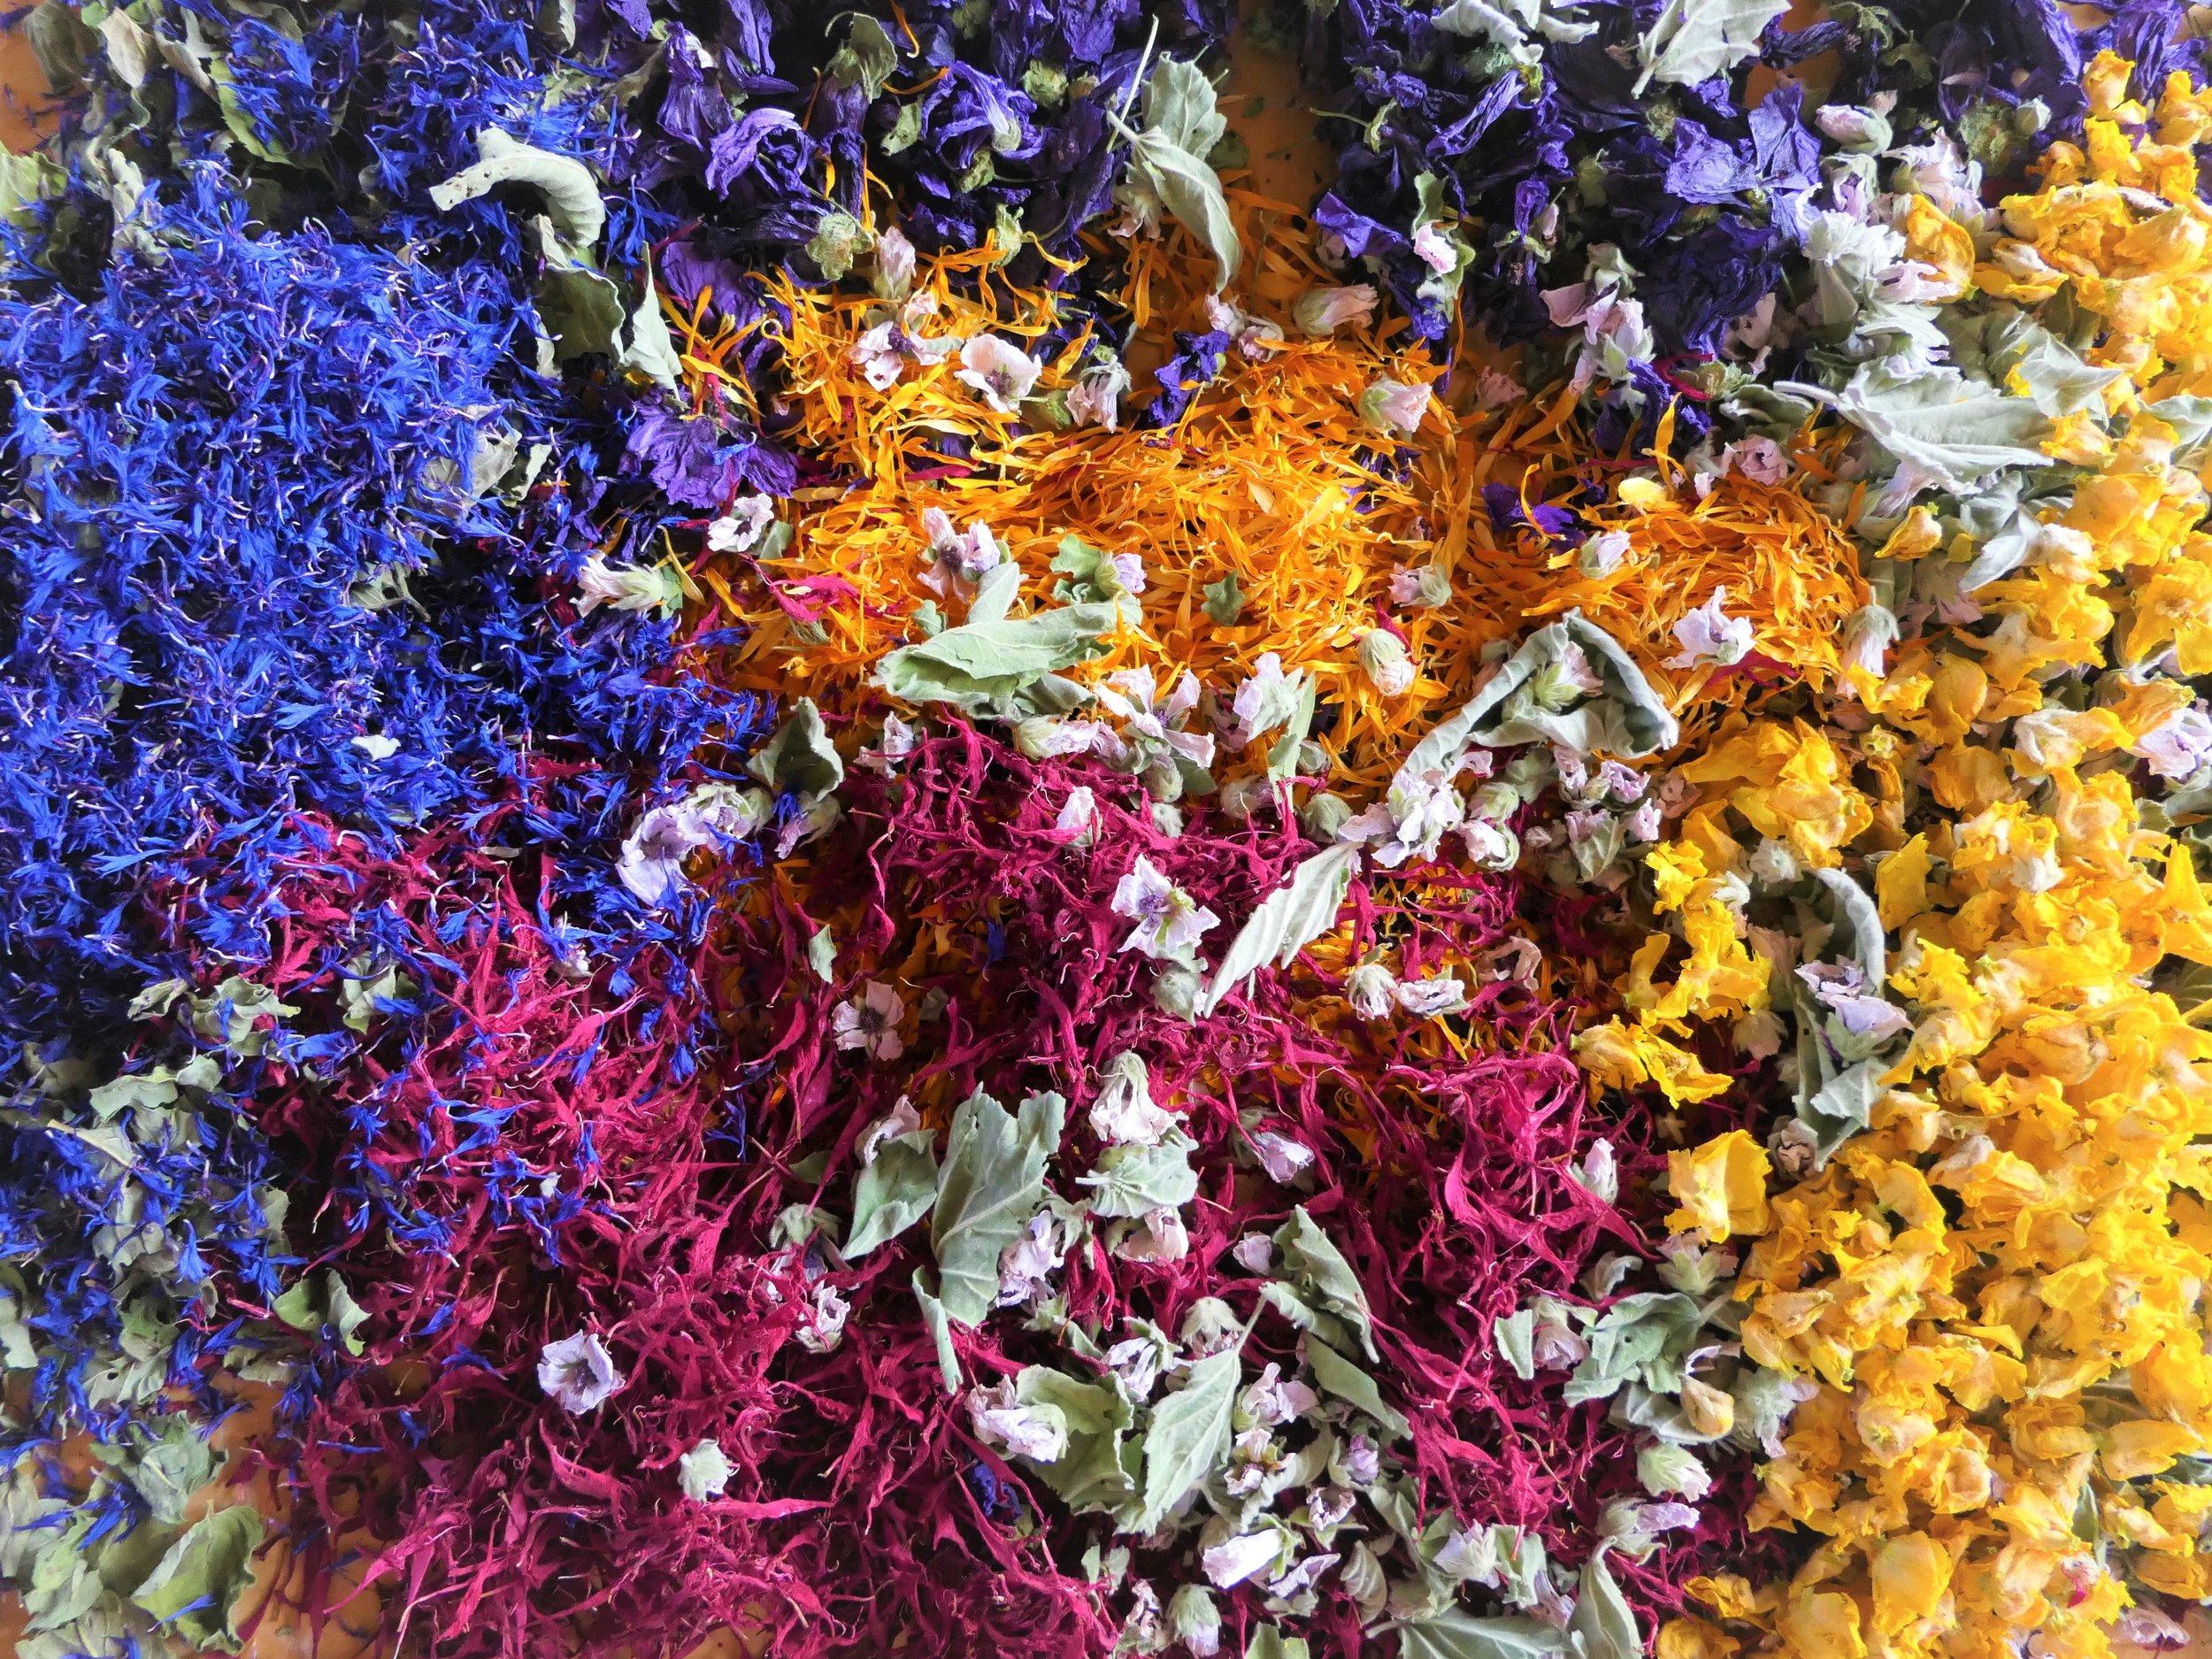 Kornblume, Goldmelisse, Ringelblume, Königskerze, Eibischblüten mit Blättern